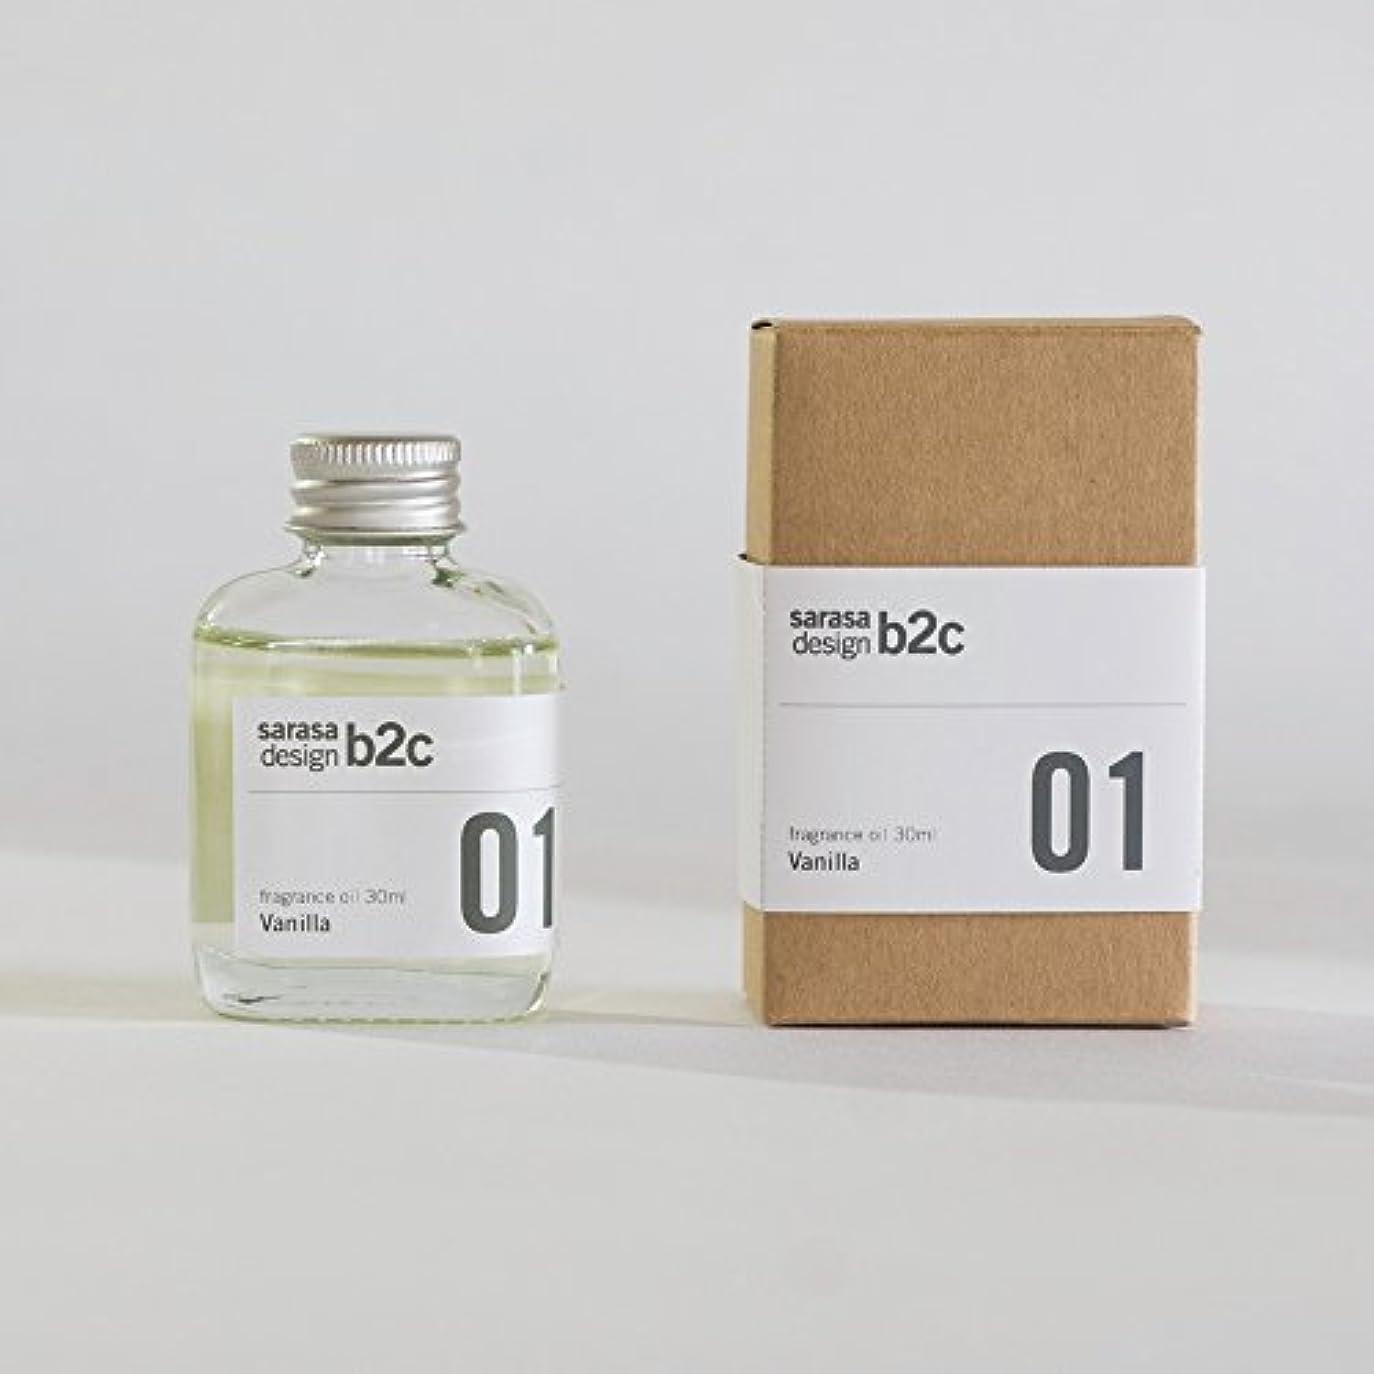 キャンディー有毒な剥ぎ取るar002md/b2c フレグランスオイル30ml《マンダリン》| 芳香剤 ルームフレグランス リードディフューザー アロマ ディフューザー